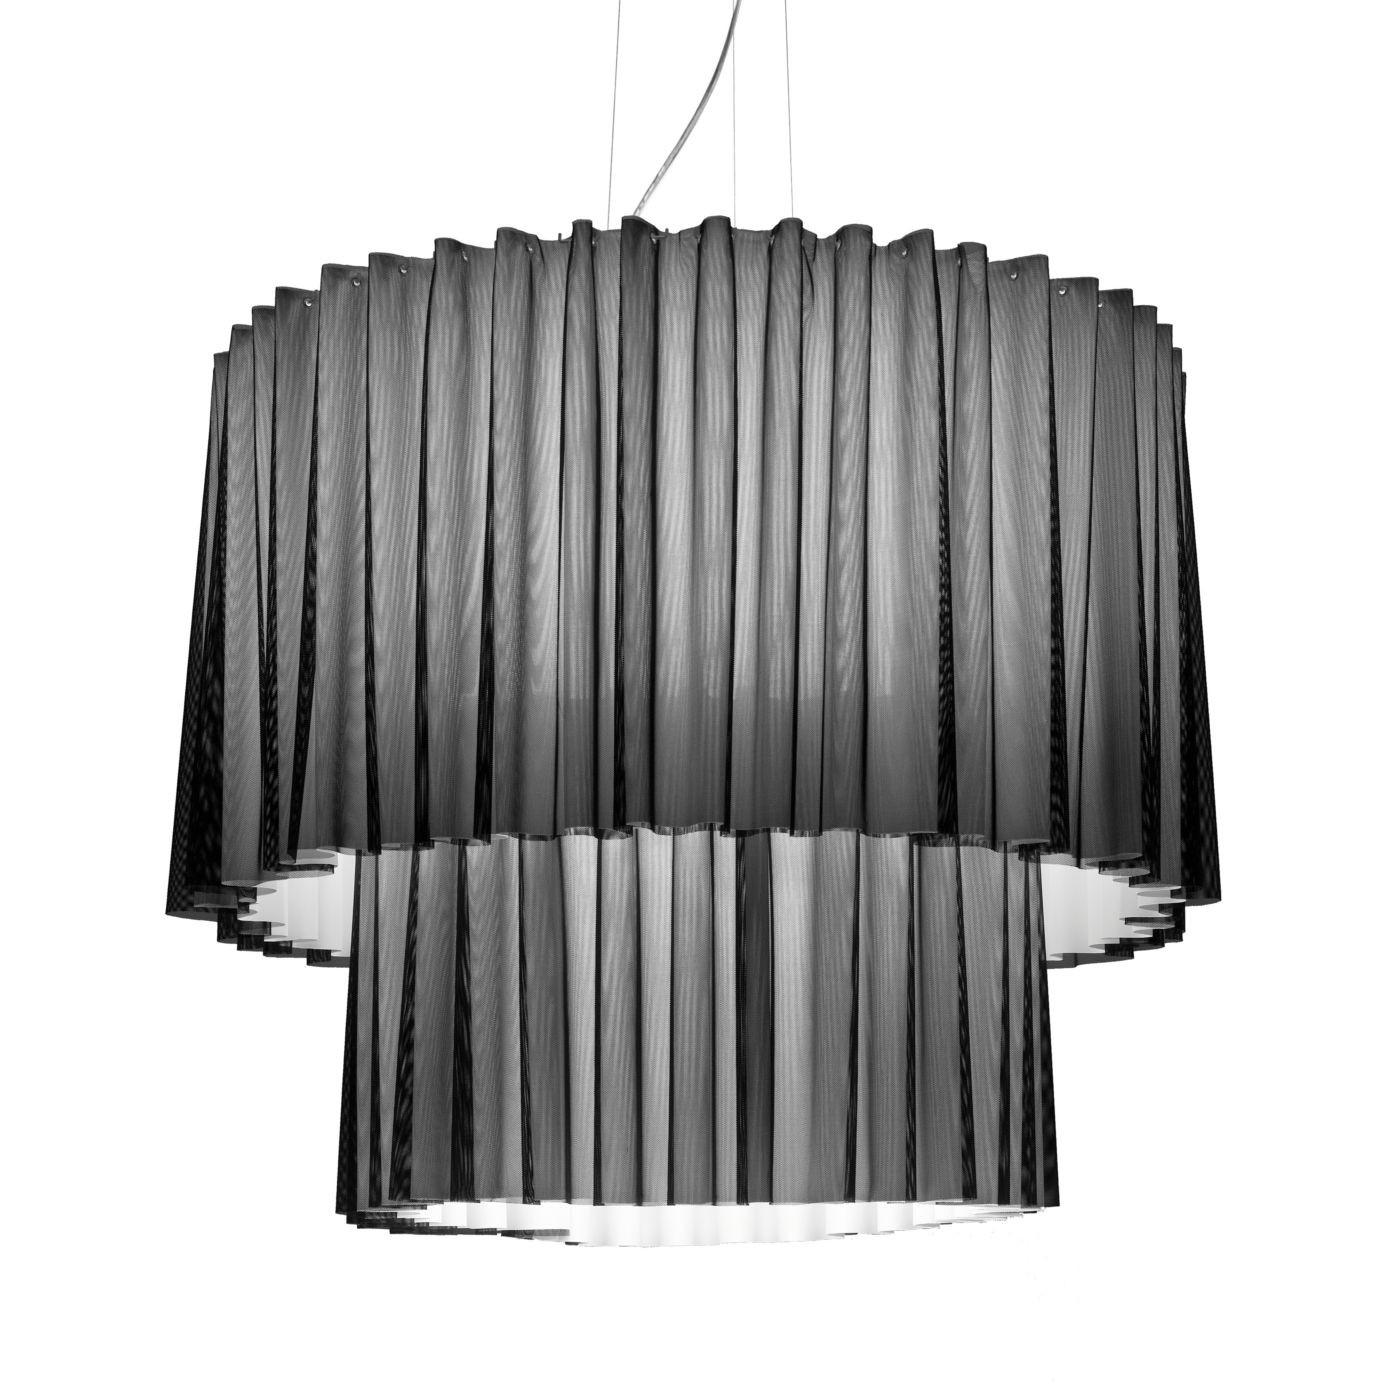 Axo Light Skirt SP 100 2 LED